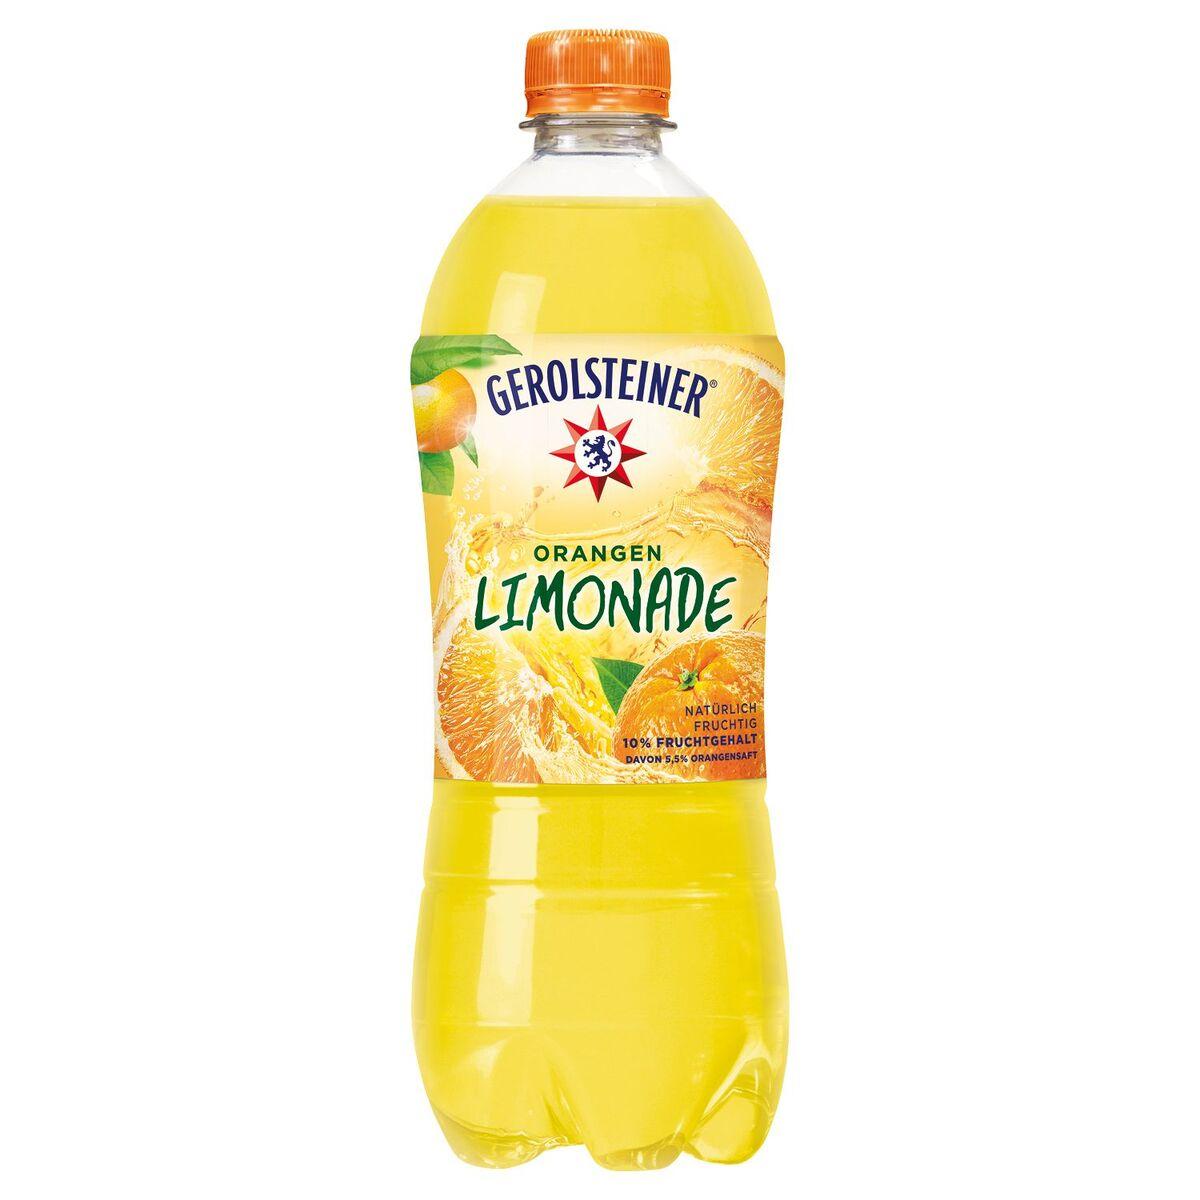 Bild 3 von GEROLSTEINER Limonade 0,75 l